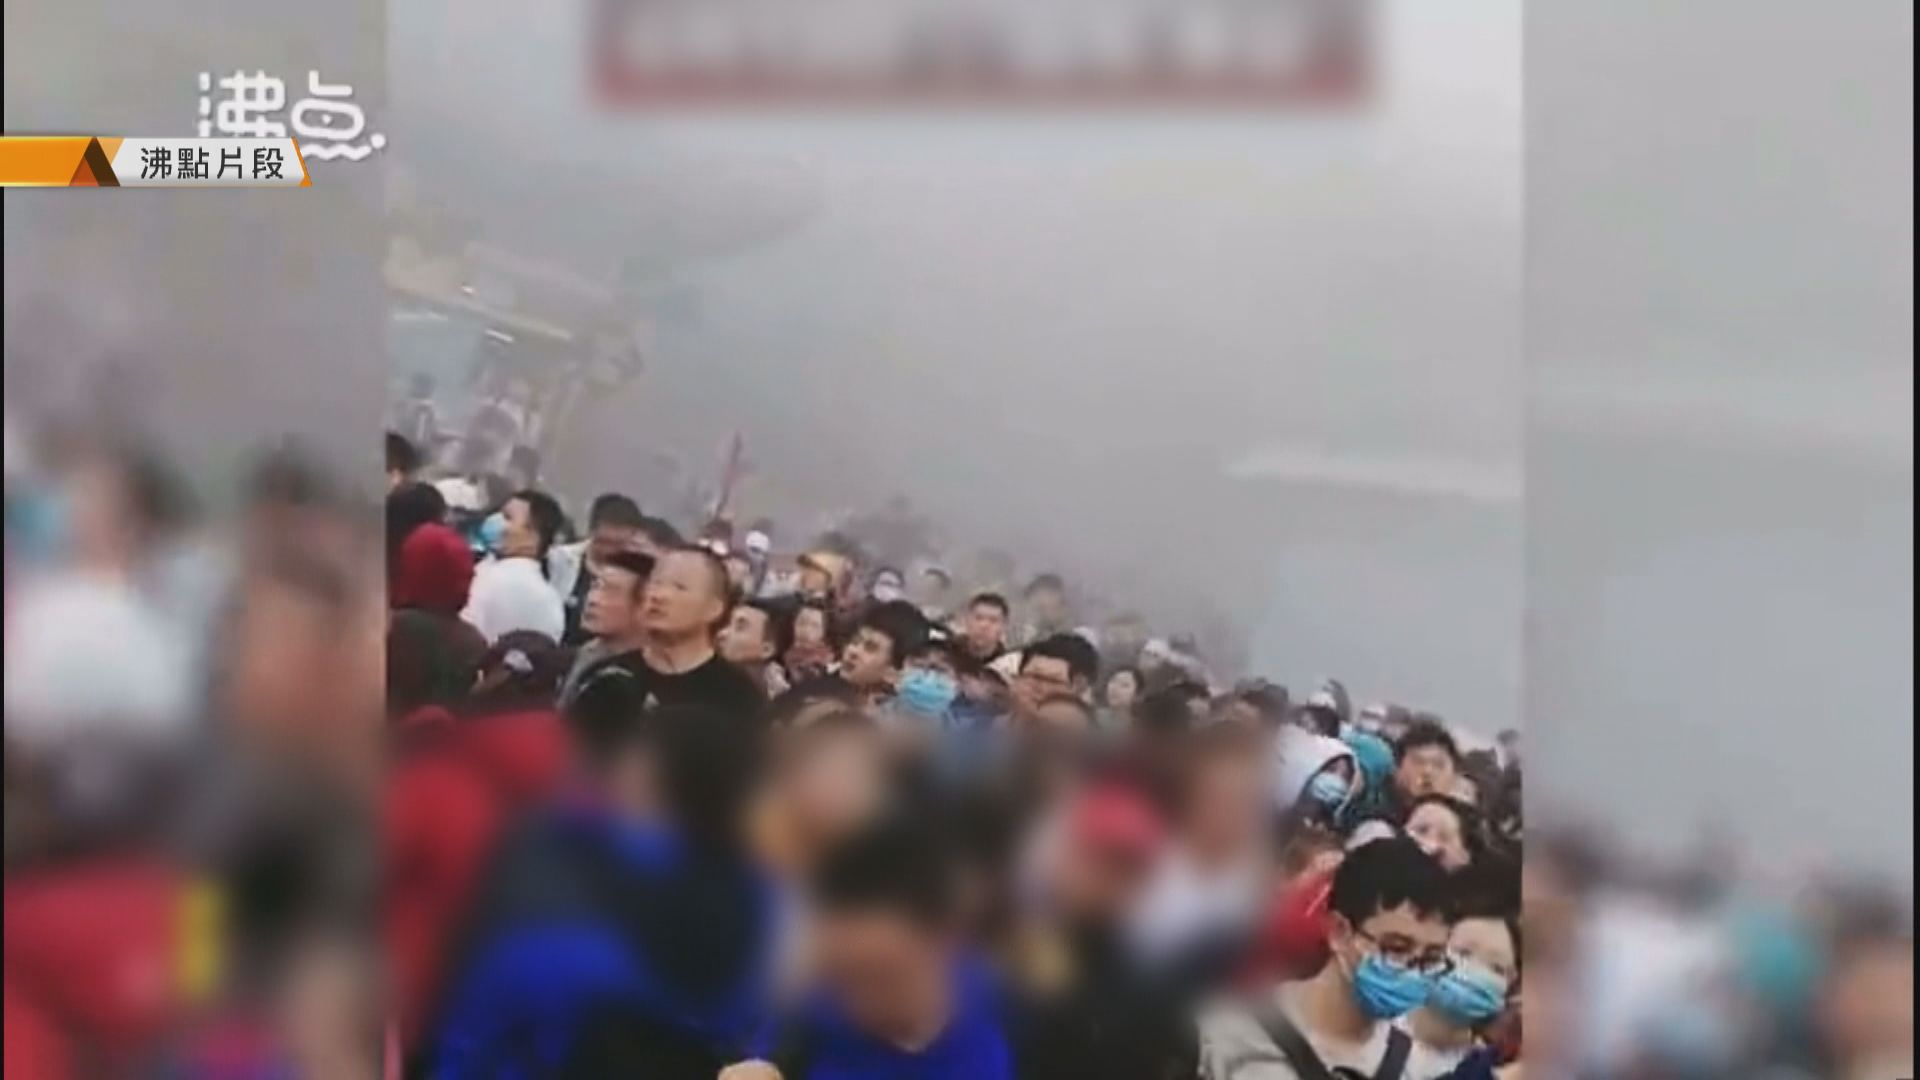 端午假期內地出遊人次近九千萬 泰山索道受影響惹鼓譟